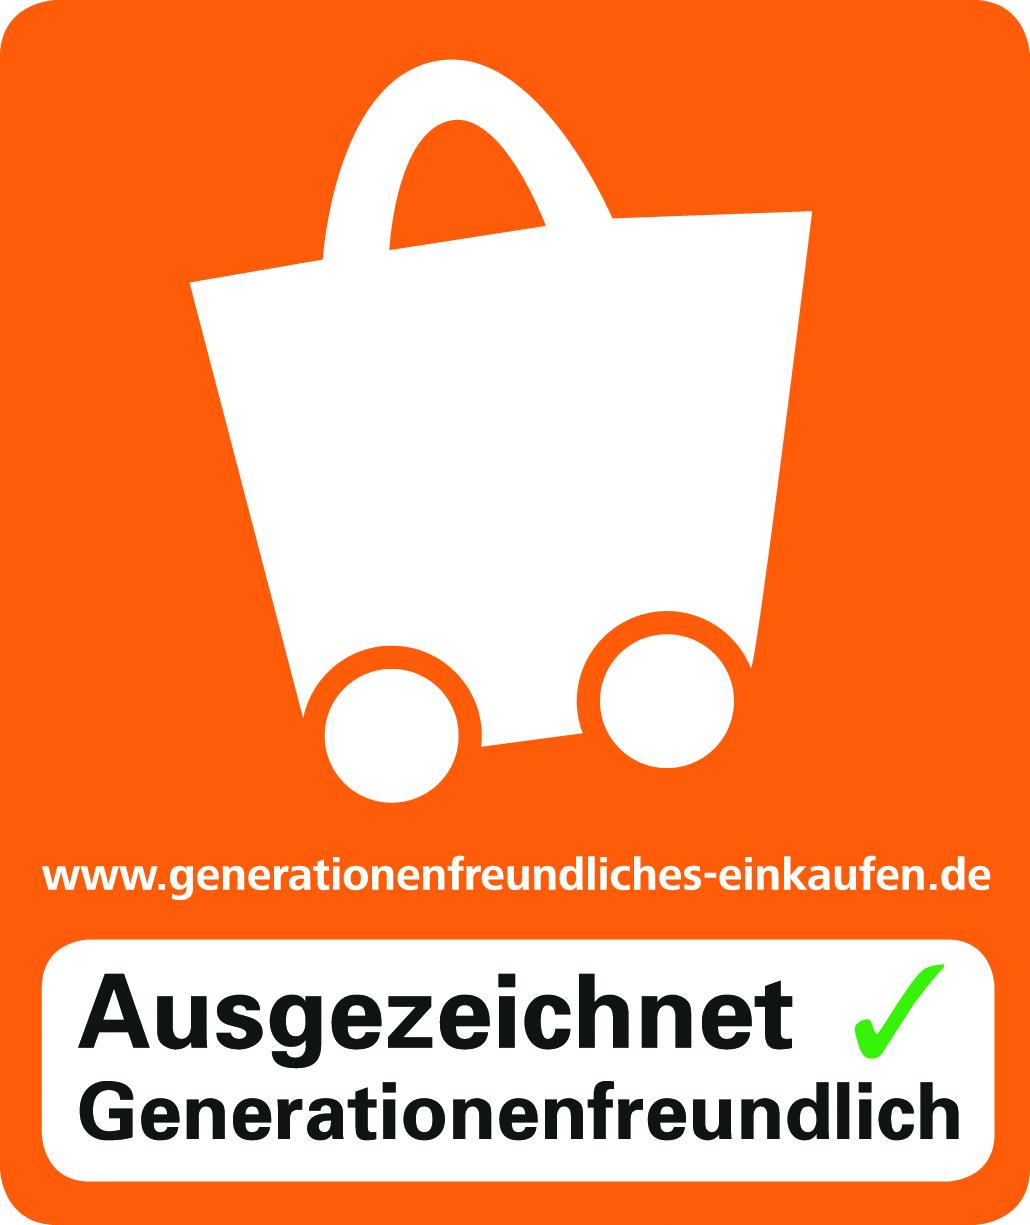 Ausgezeichnet – Generationenfreundliches  Einkaufen